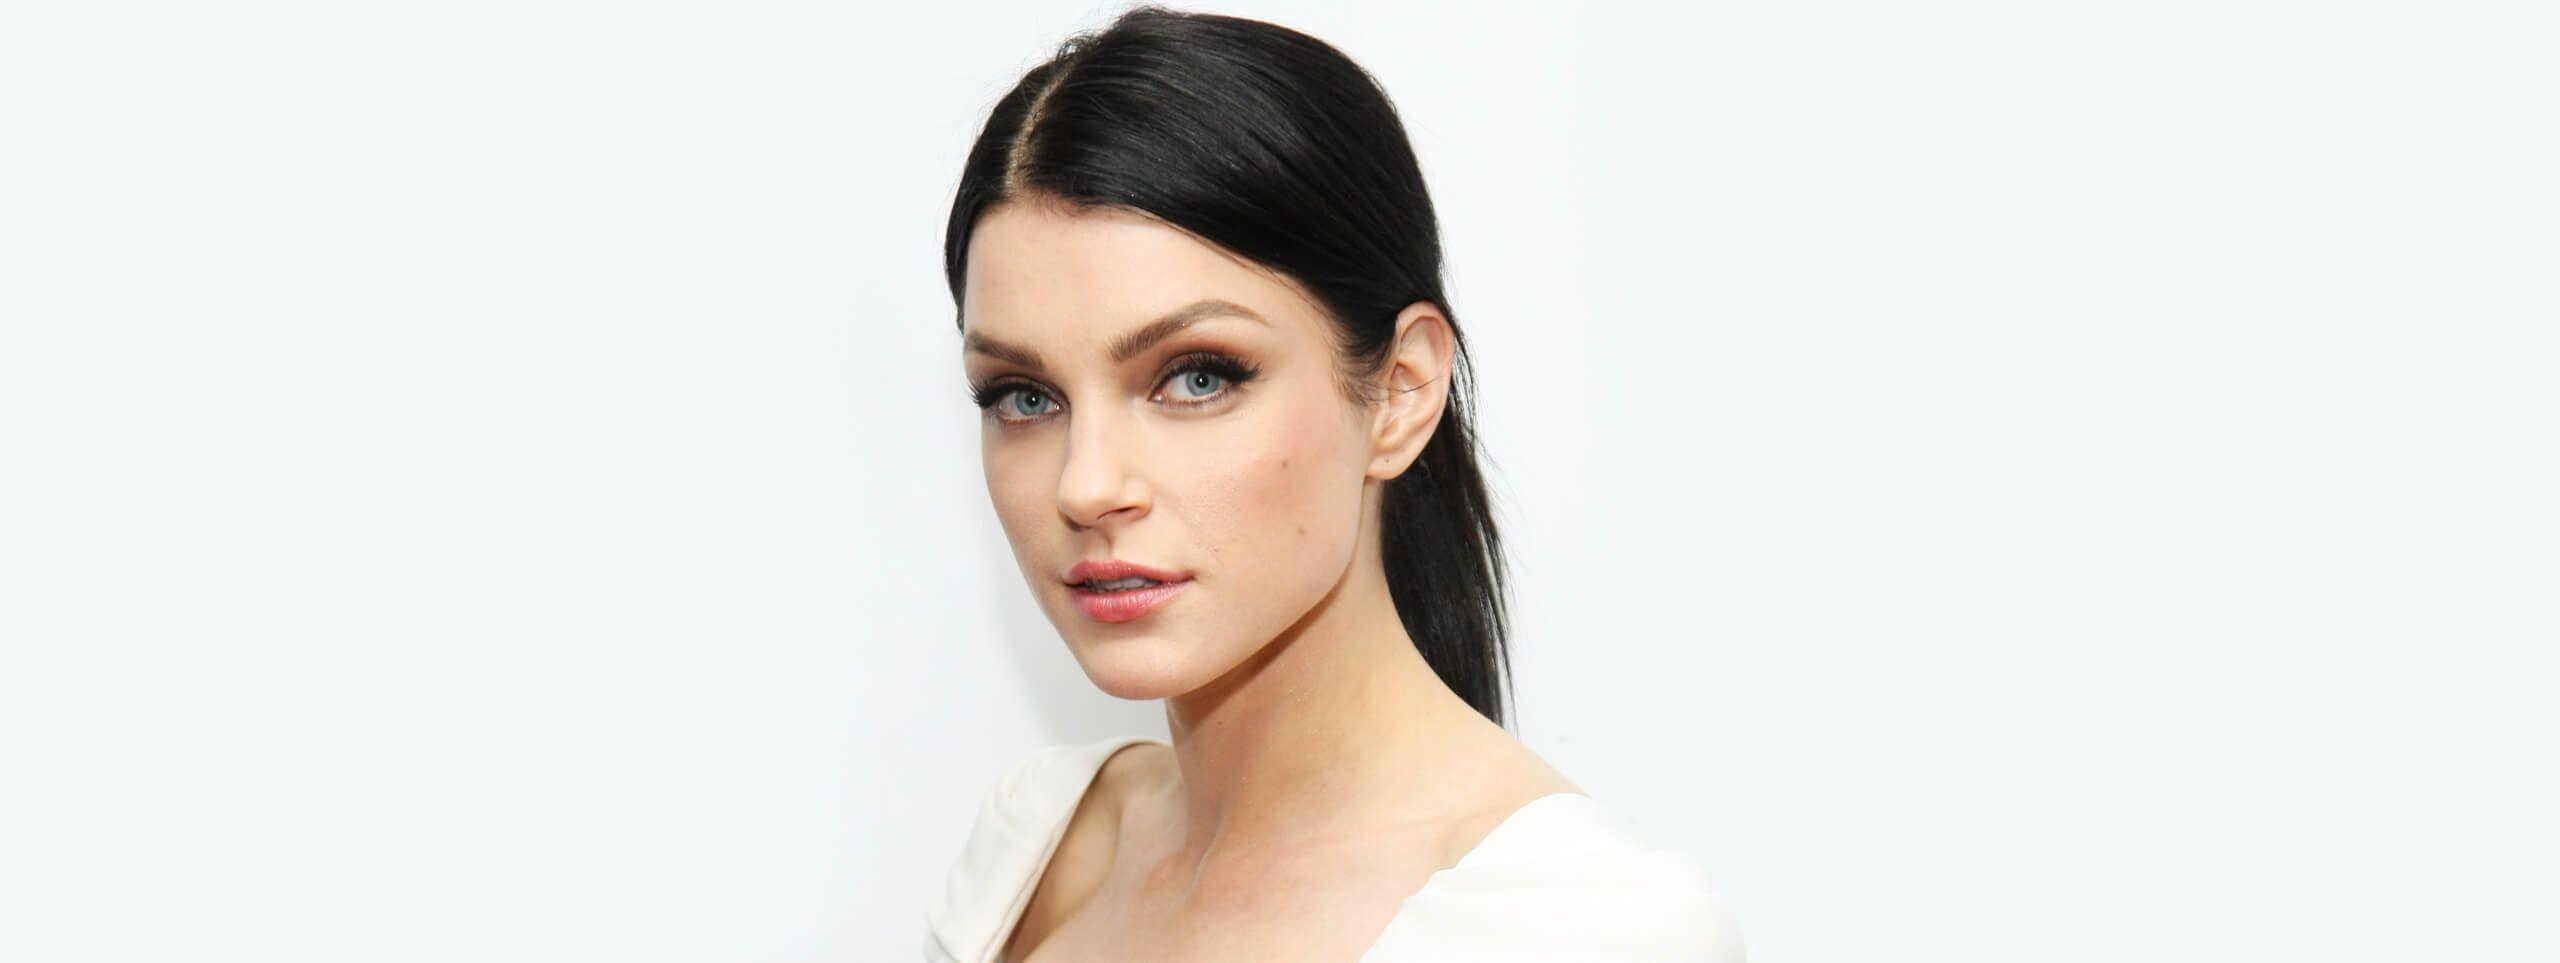 Modelo color de pelo negro con recogido